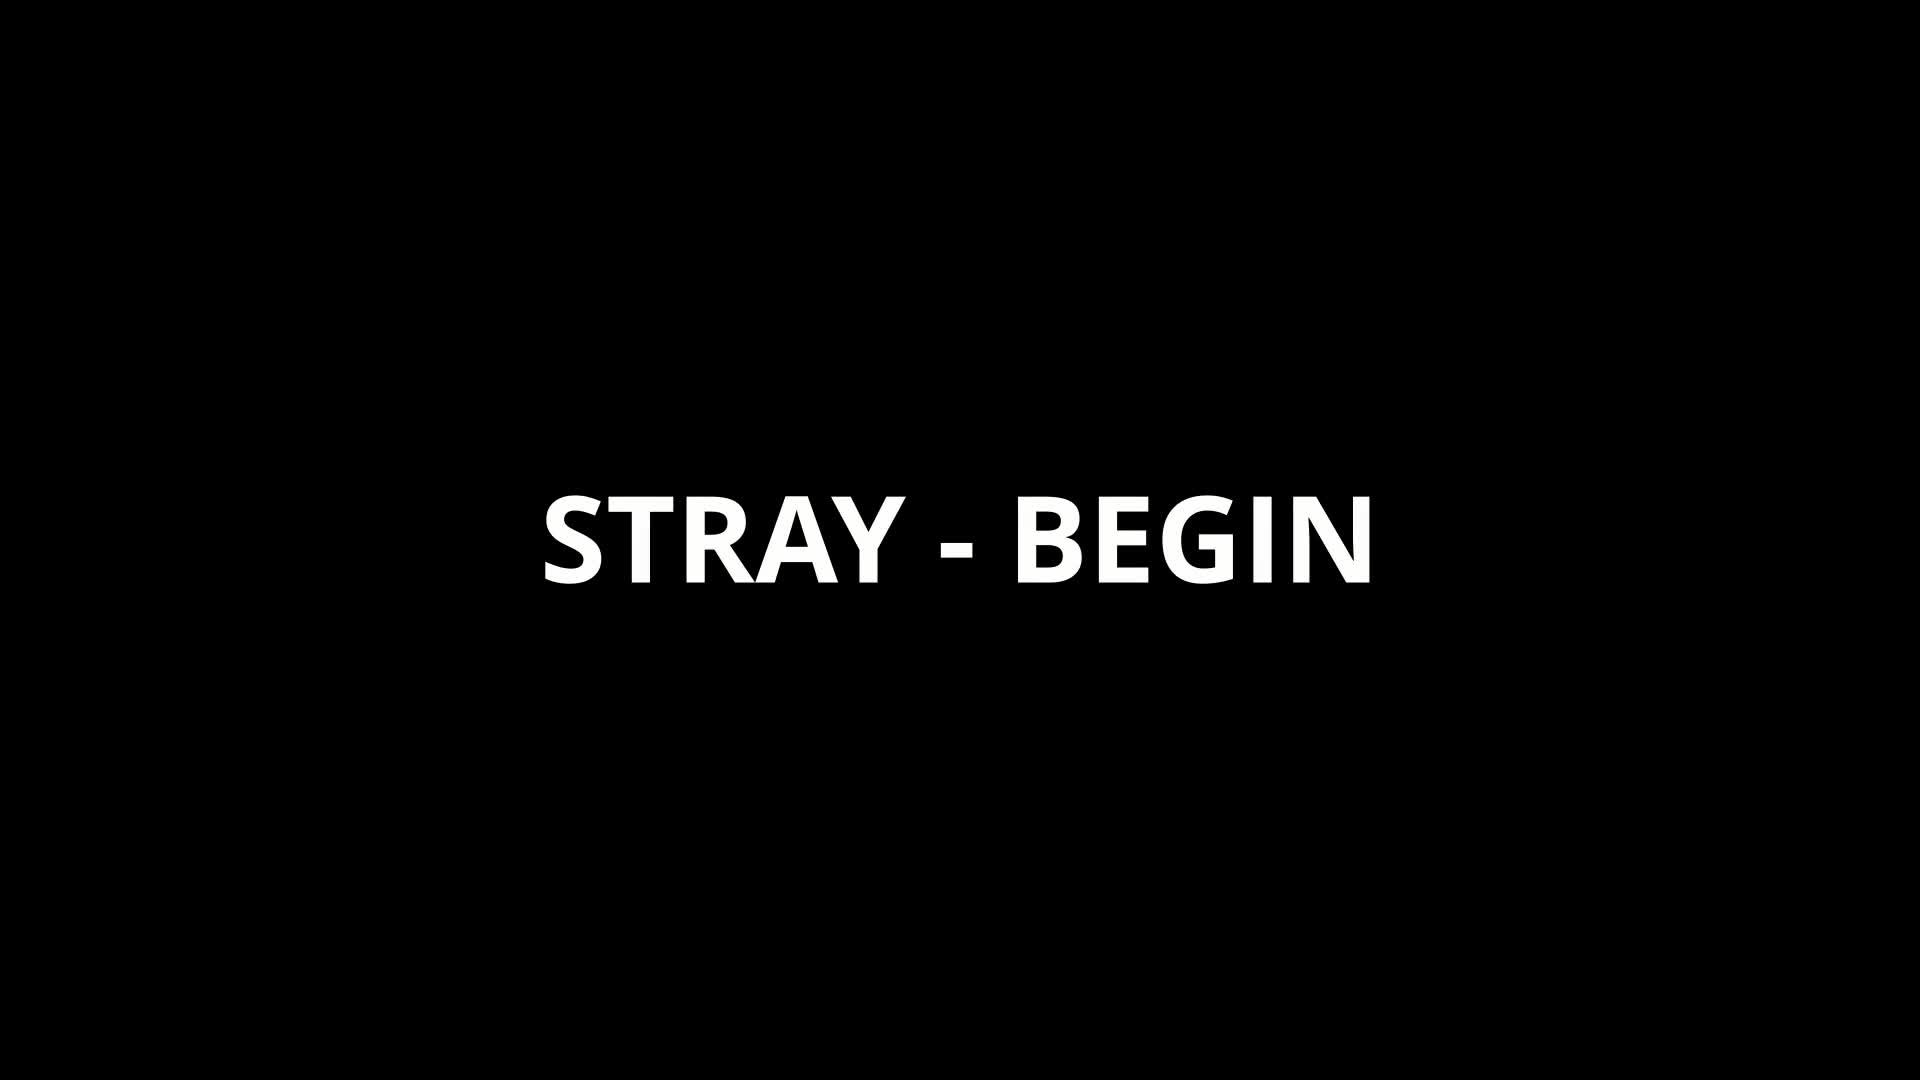 Stray Begin